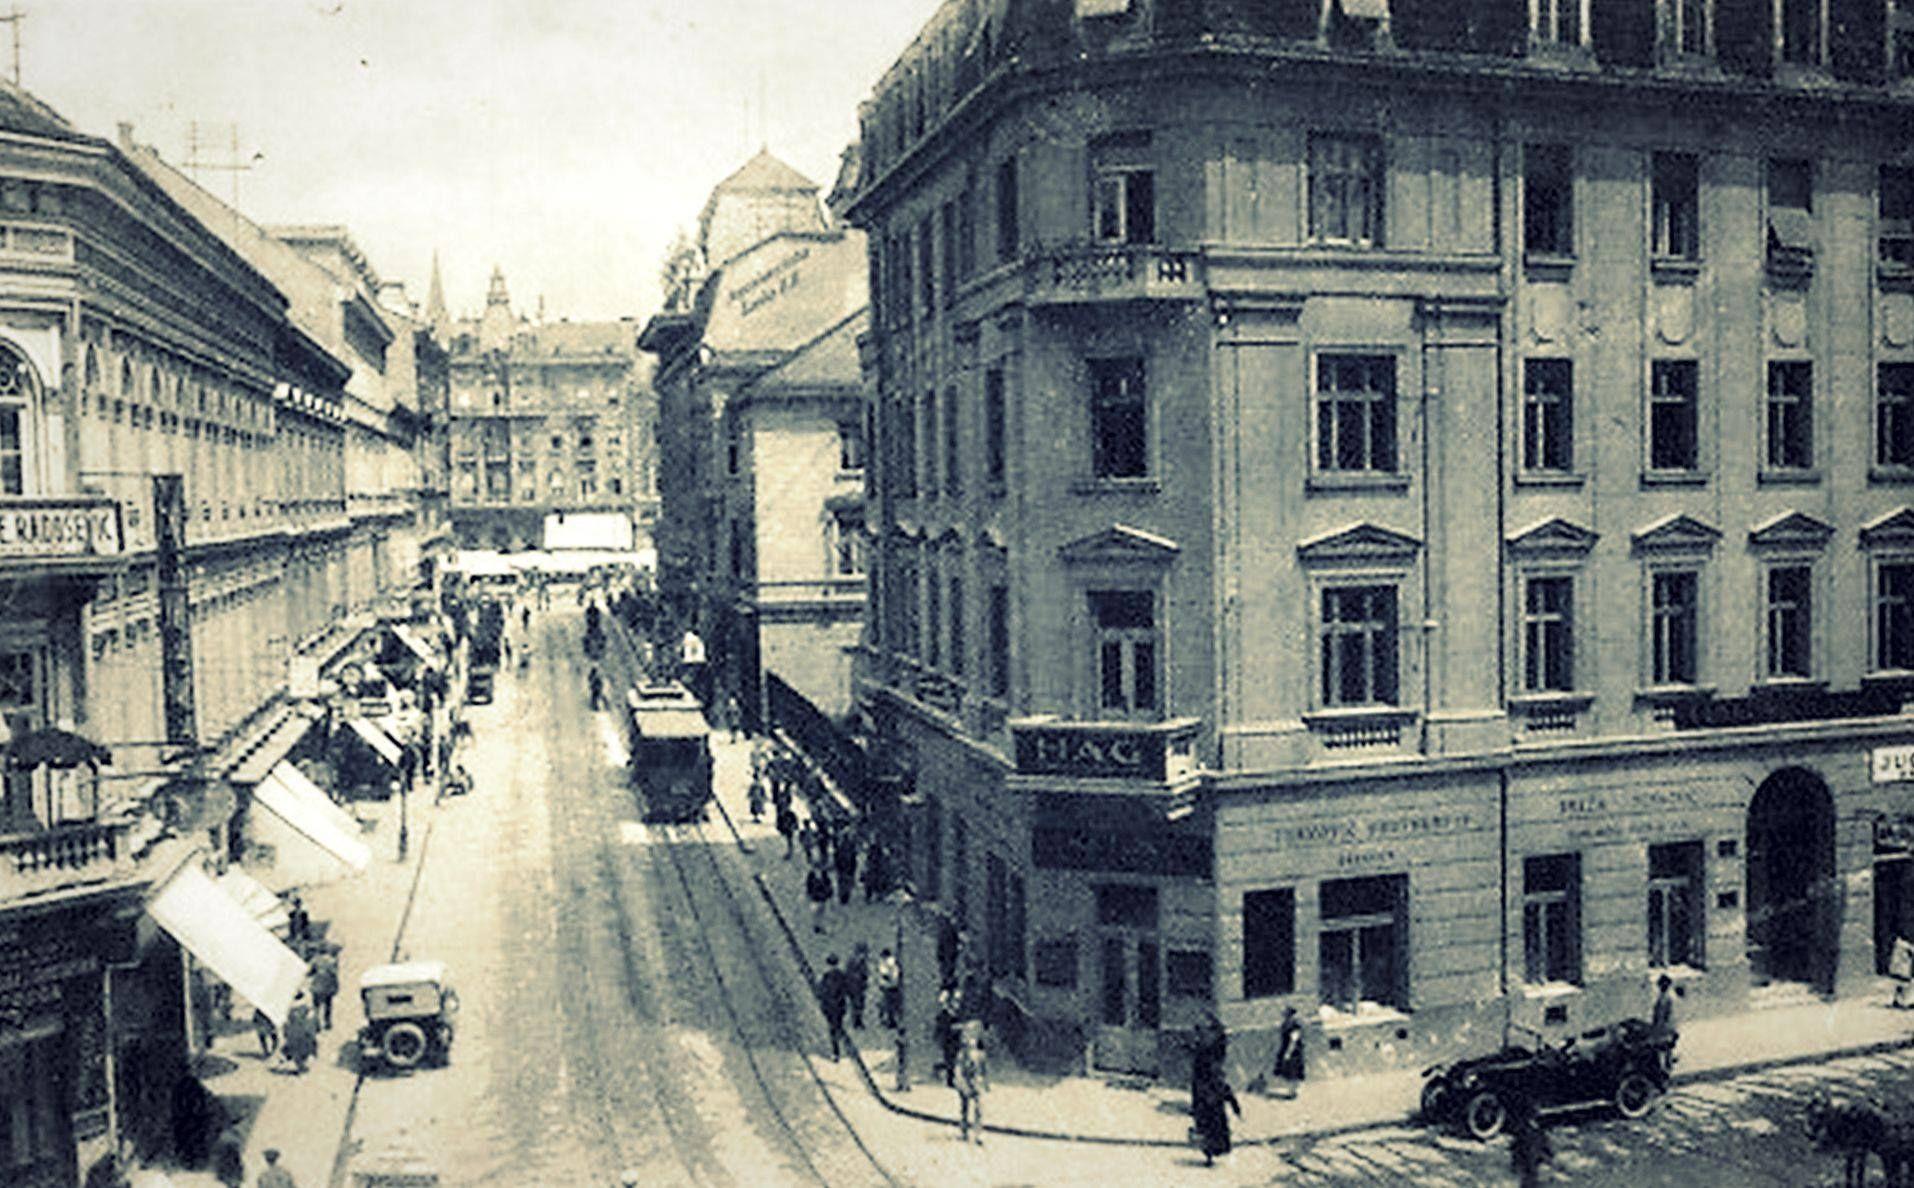 1930 Praska Street Zagreb Oldtimes Oldpictures 20century Blacknwhite Photography Lobagolabnb Zagreb Croatia Zagreb Croatia